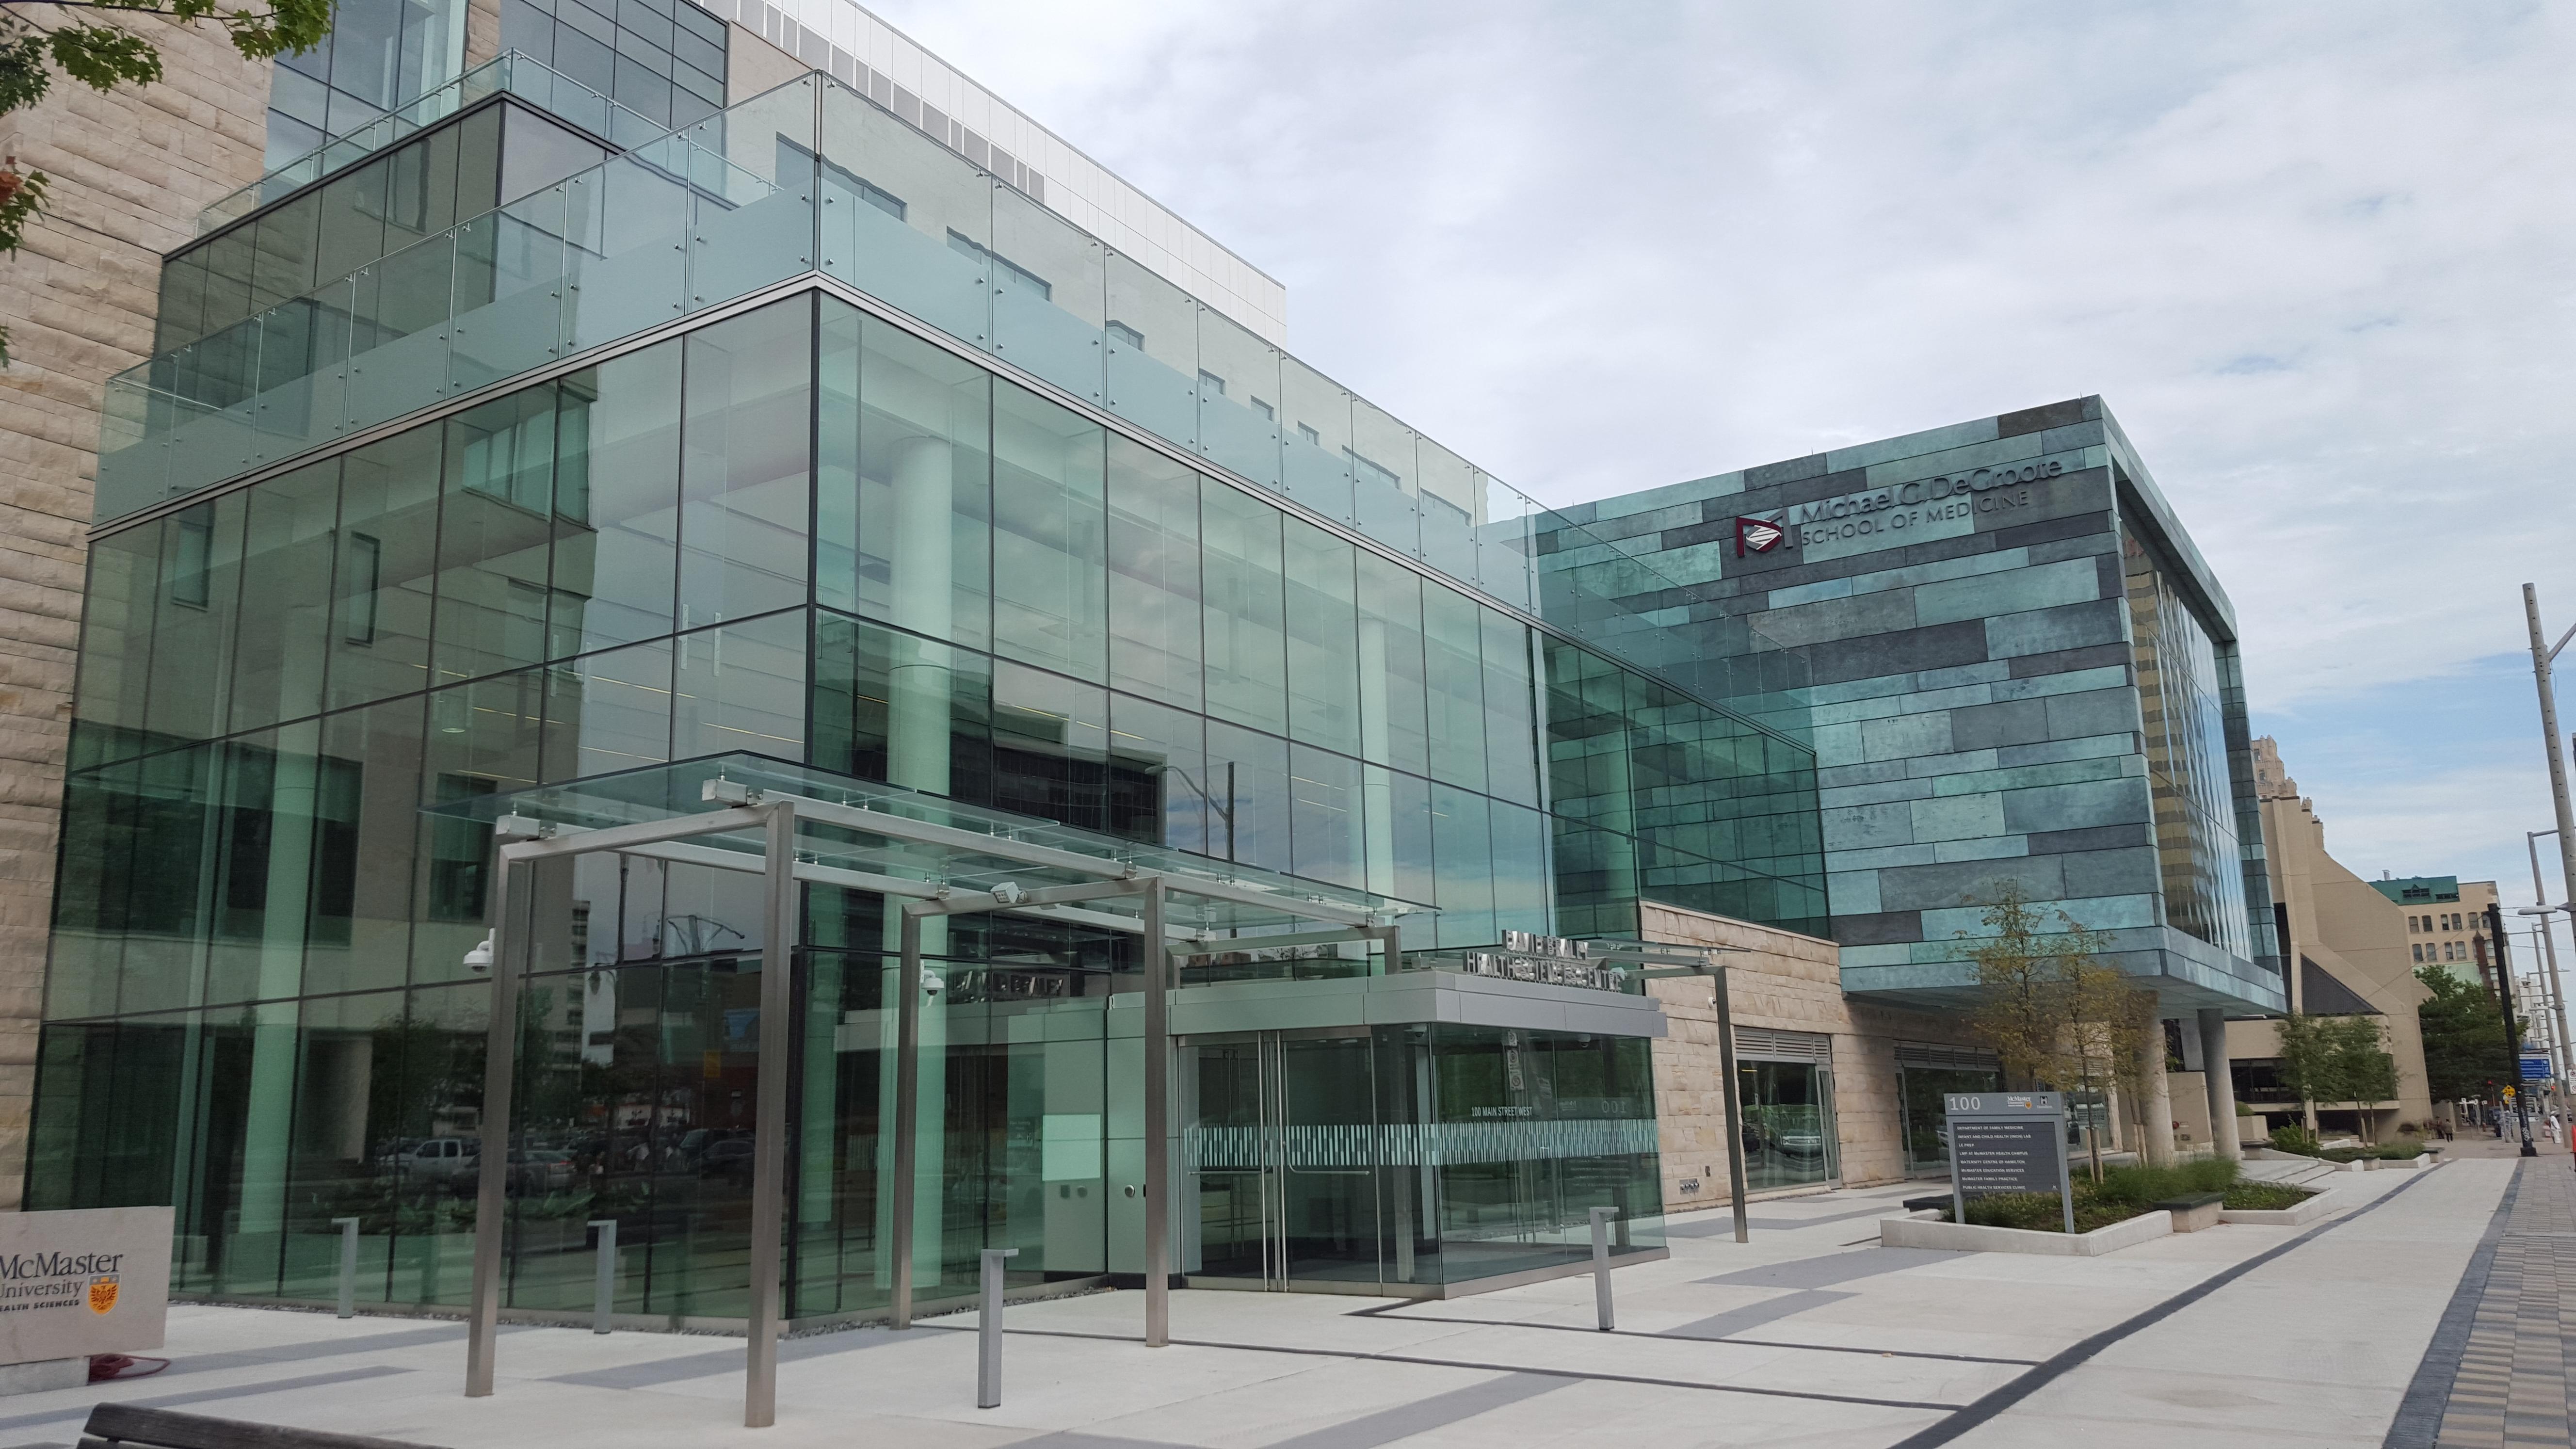 McMaster University - Wikiwand